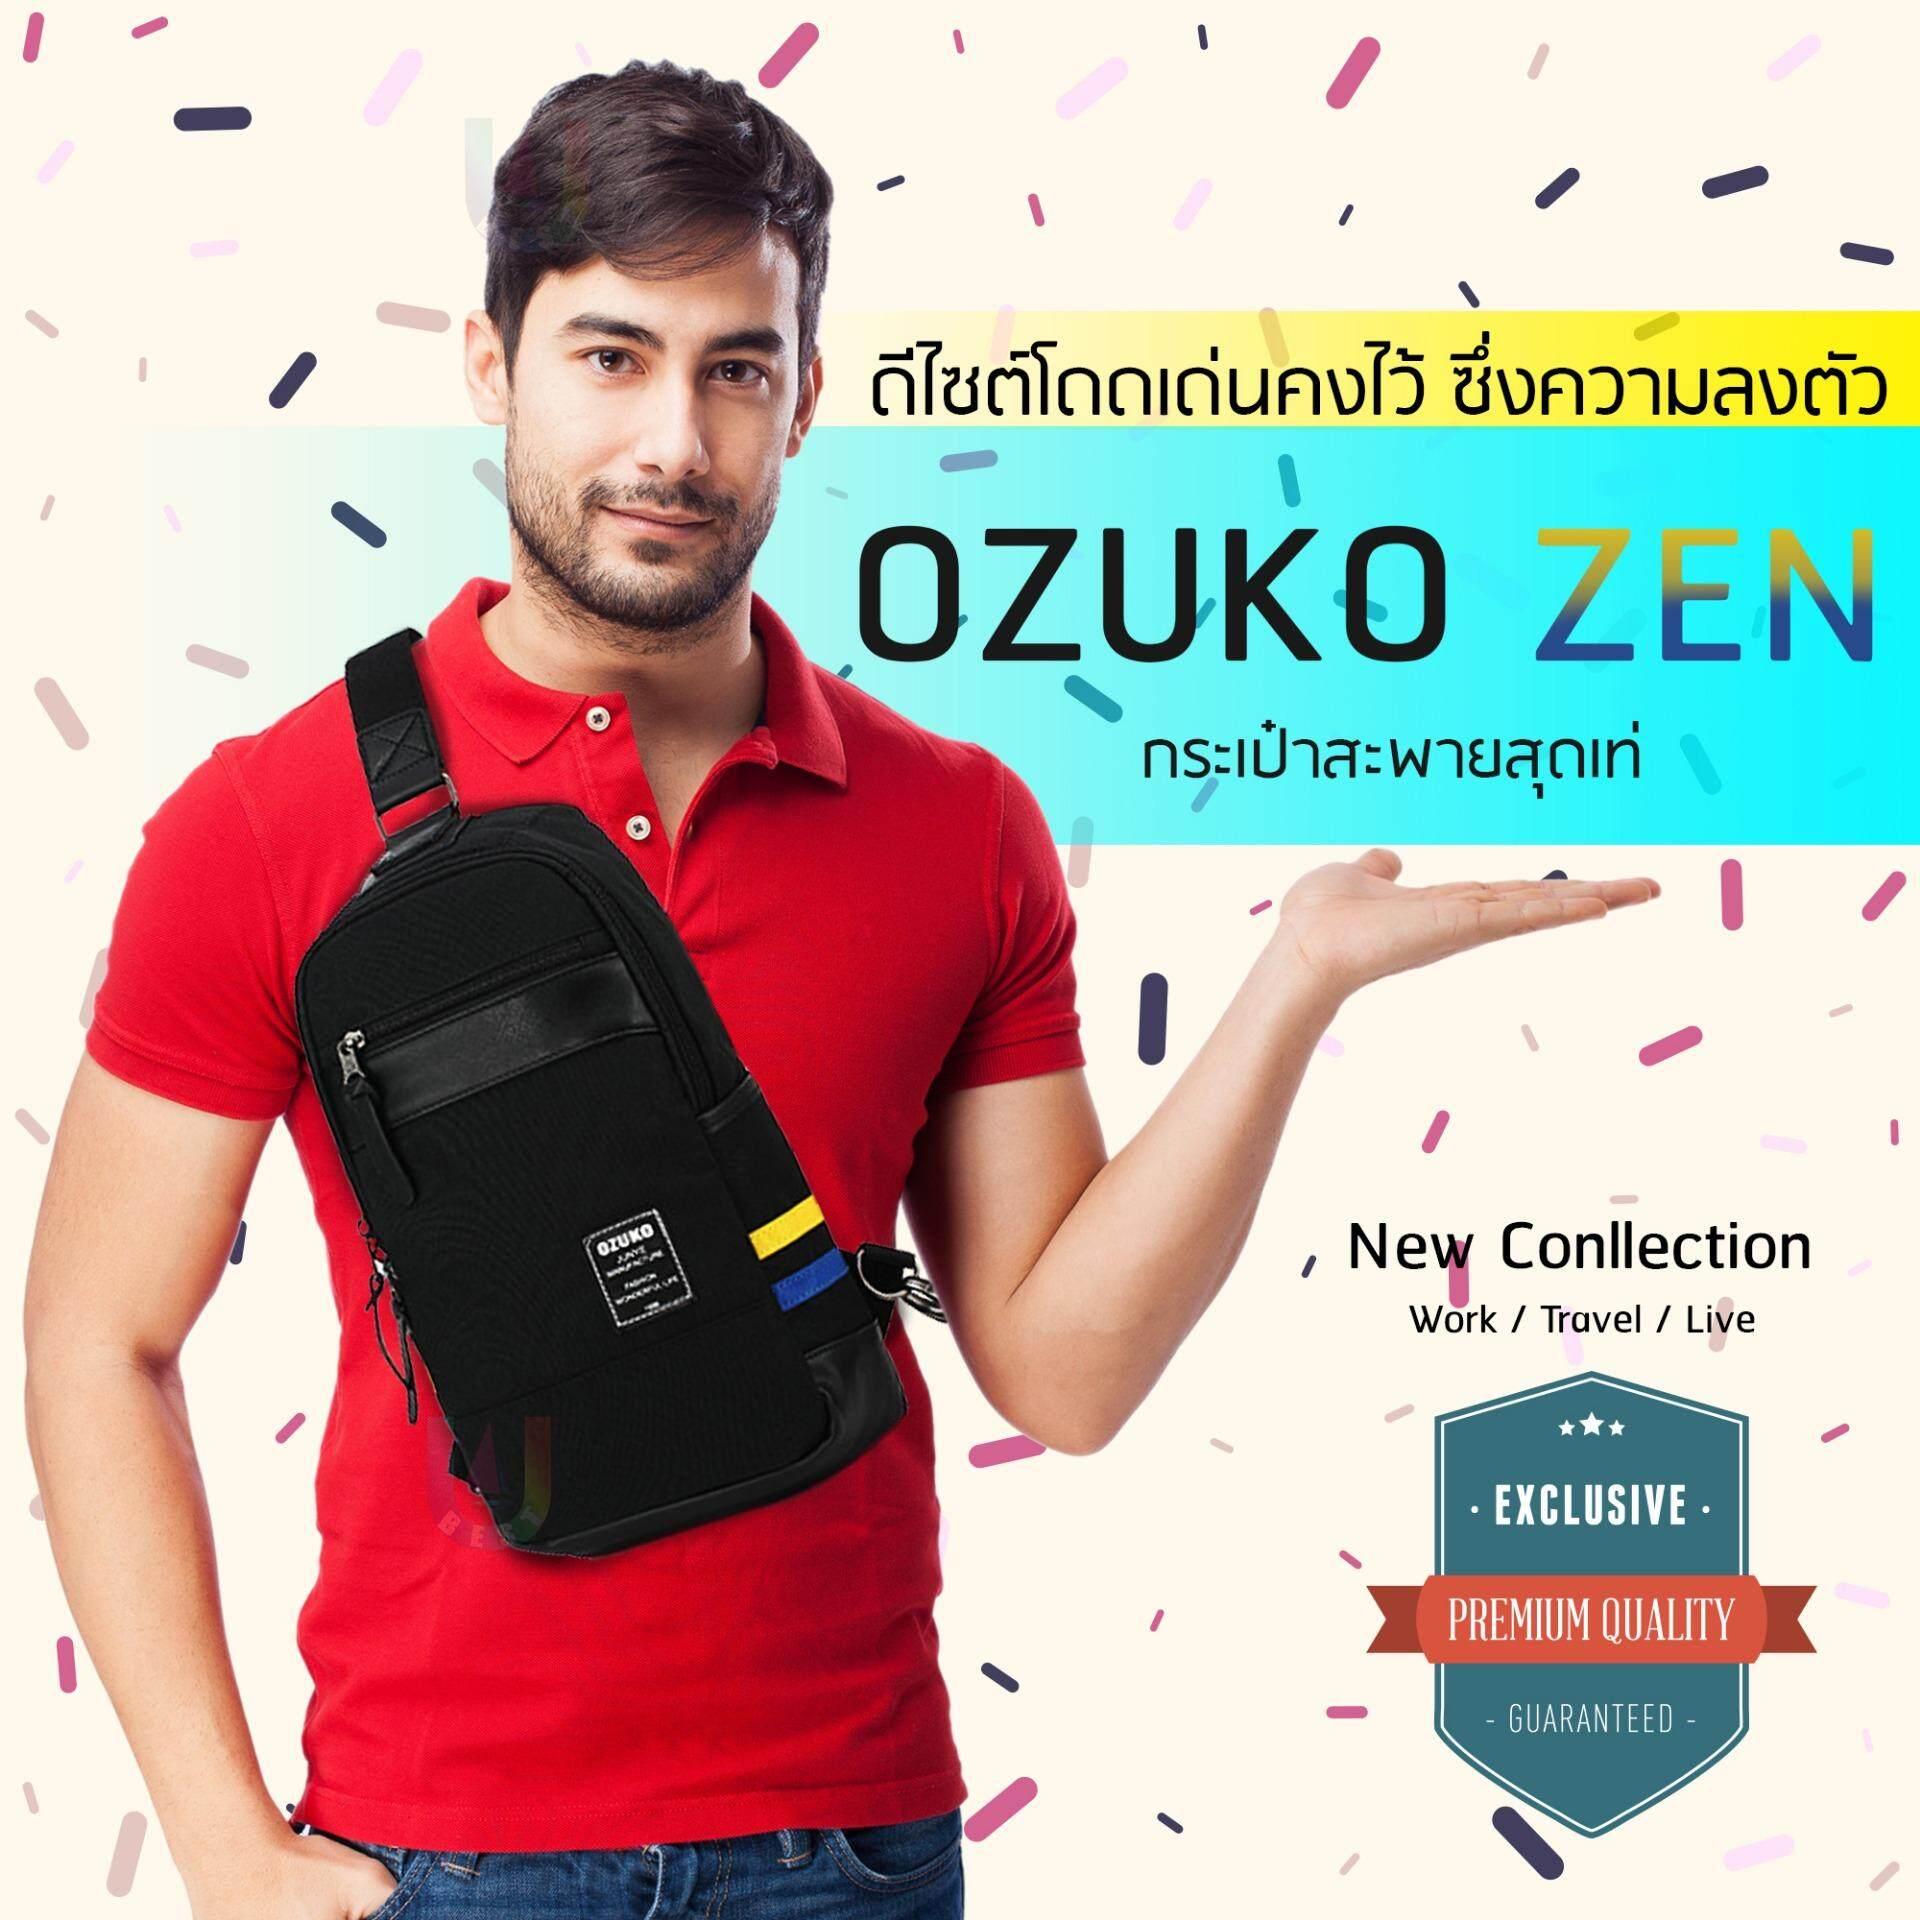 ขาย Ozuko Zen กระเป๋าคาดอก กระเป๋าสะพายข้าง ใส่tablet หยิบสะดวก สีดำ